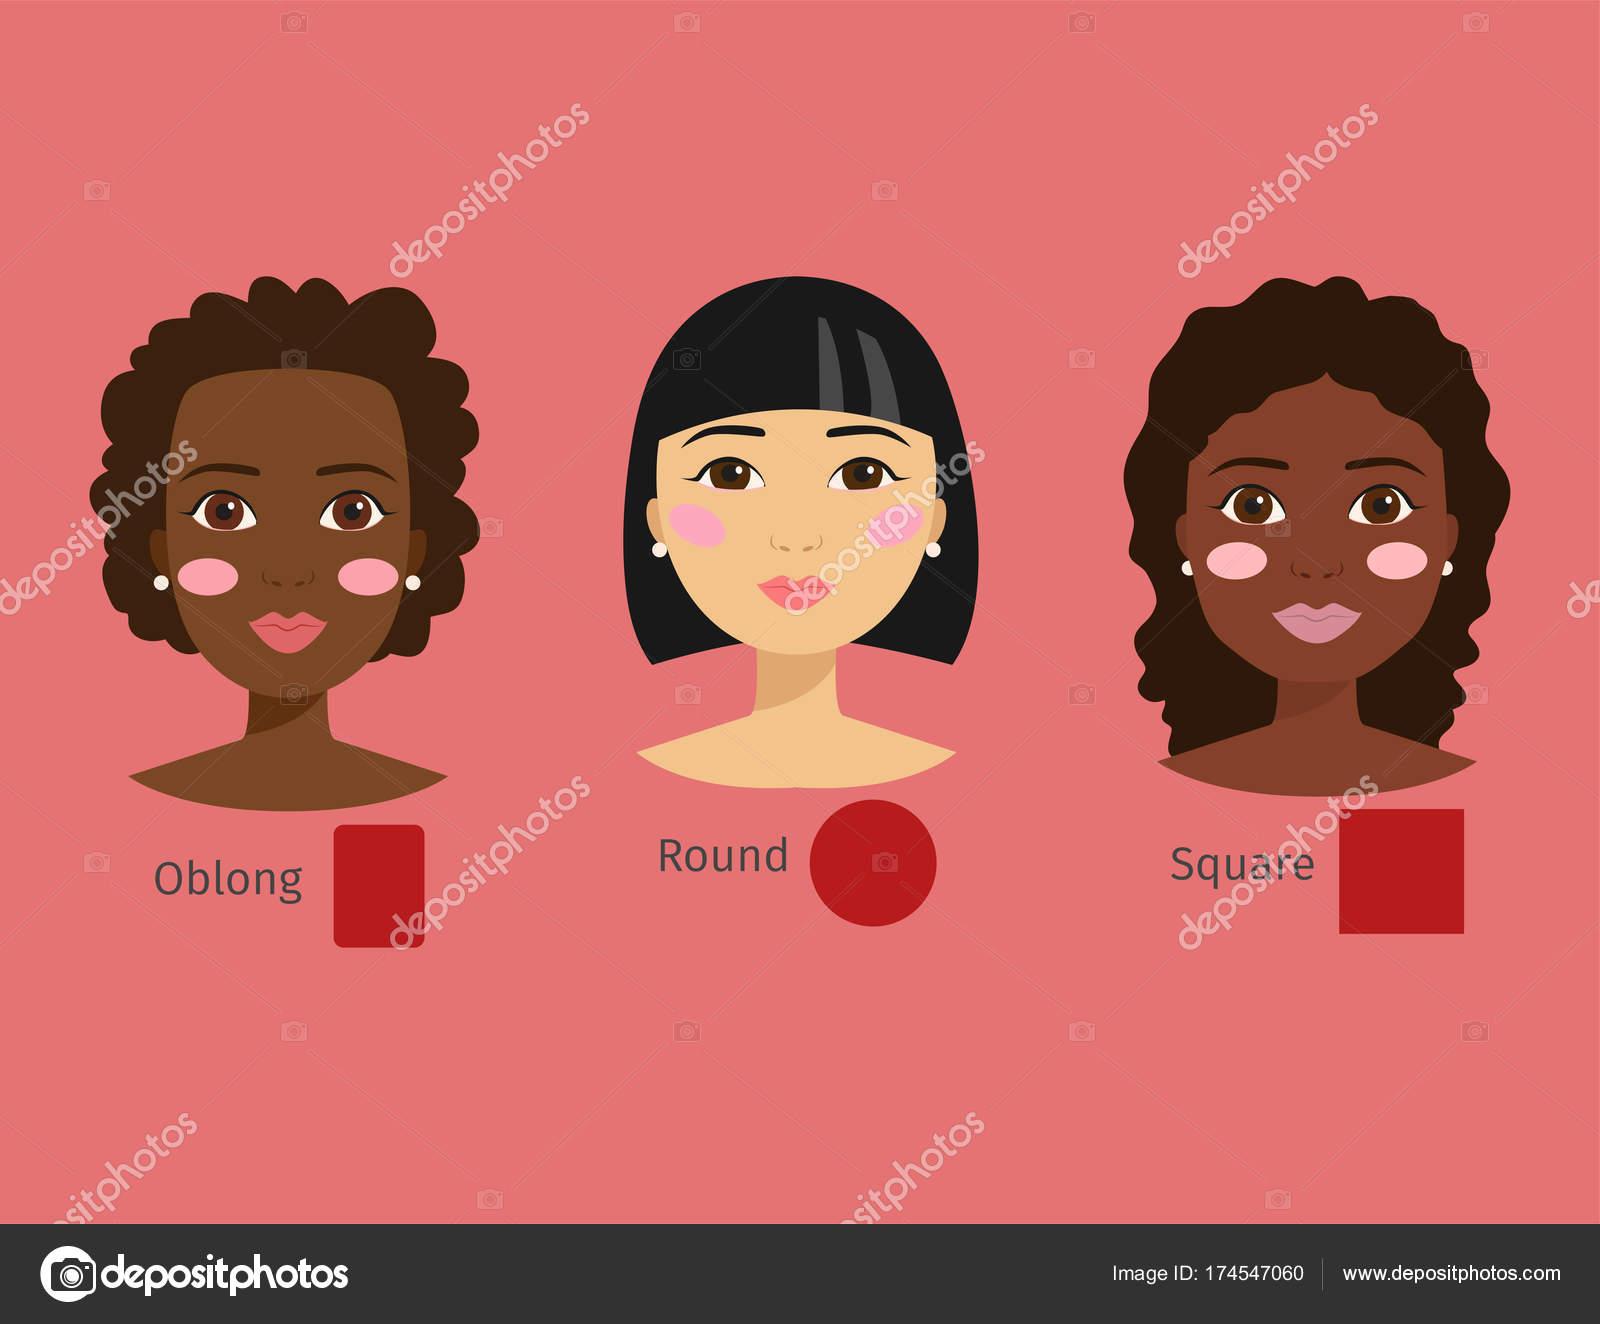 別の女の顔型ベクトル イラスト文字図形女の子化粧おしゃれ女性のセット